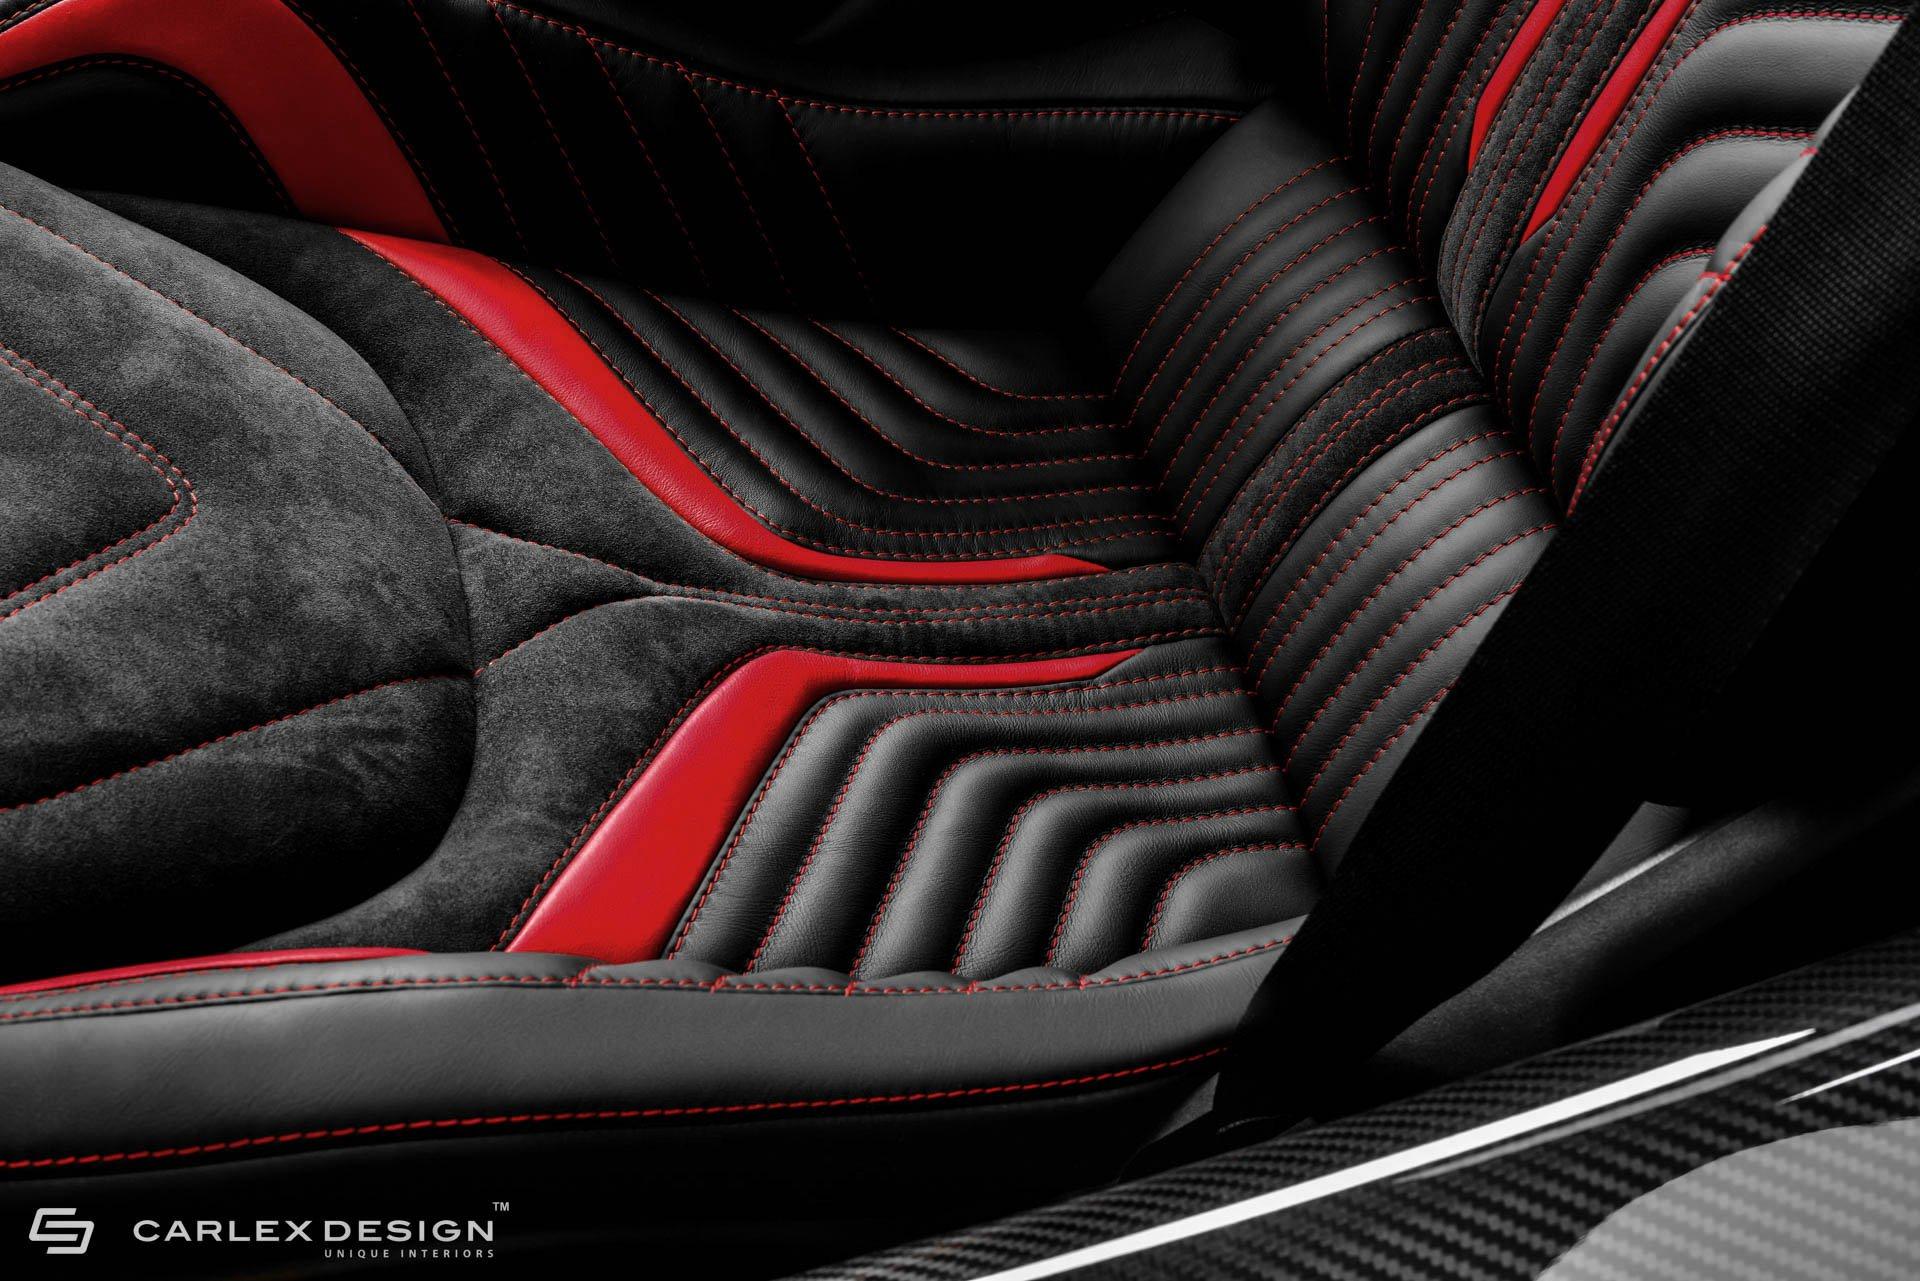 McLaren_720S_Carlex_design_0006